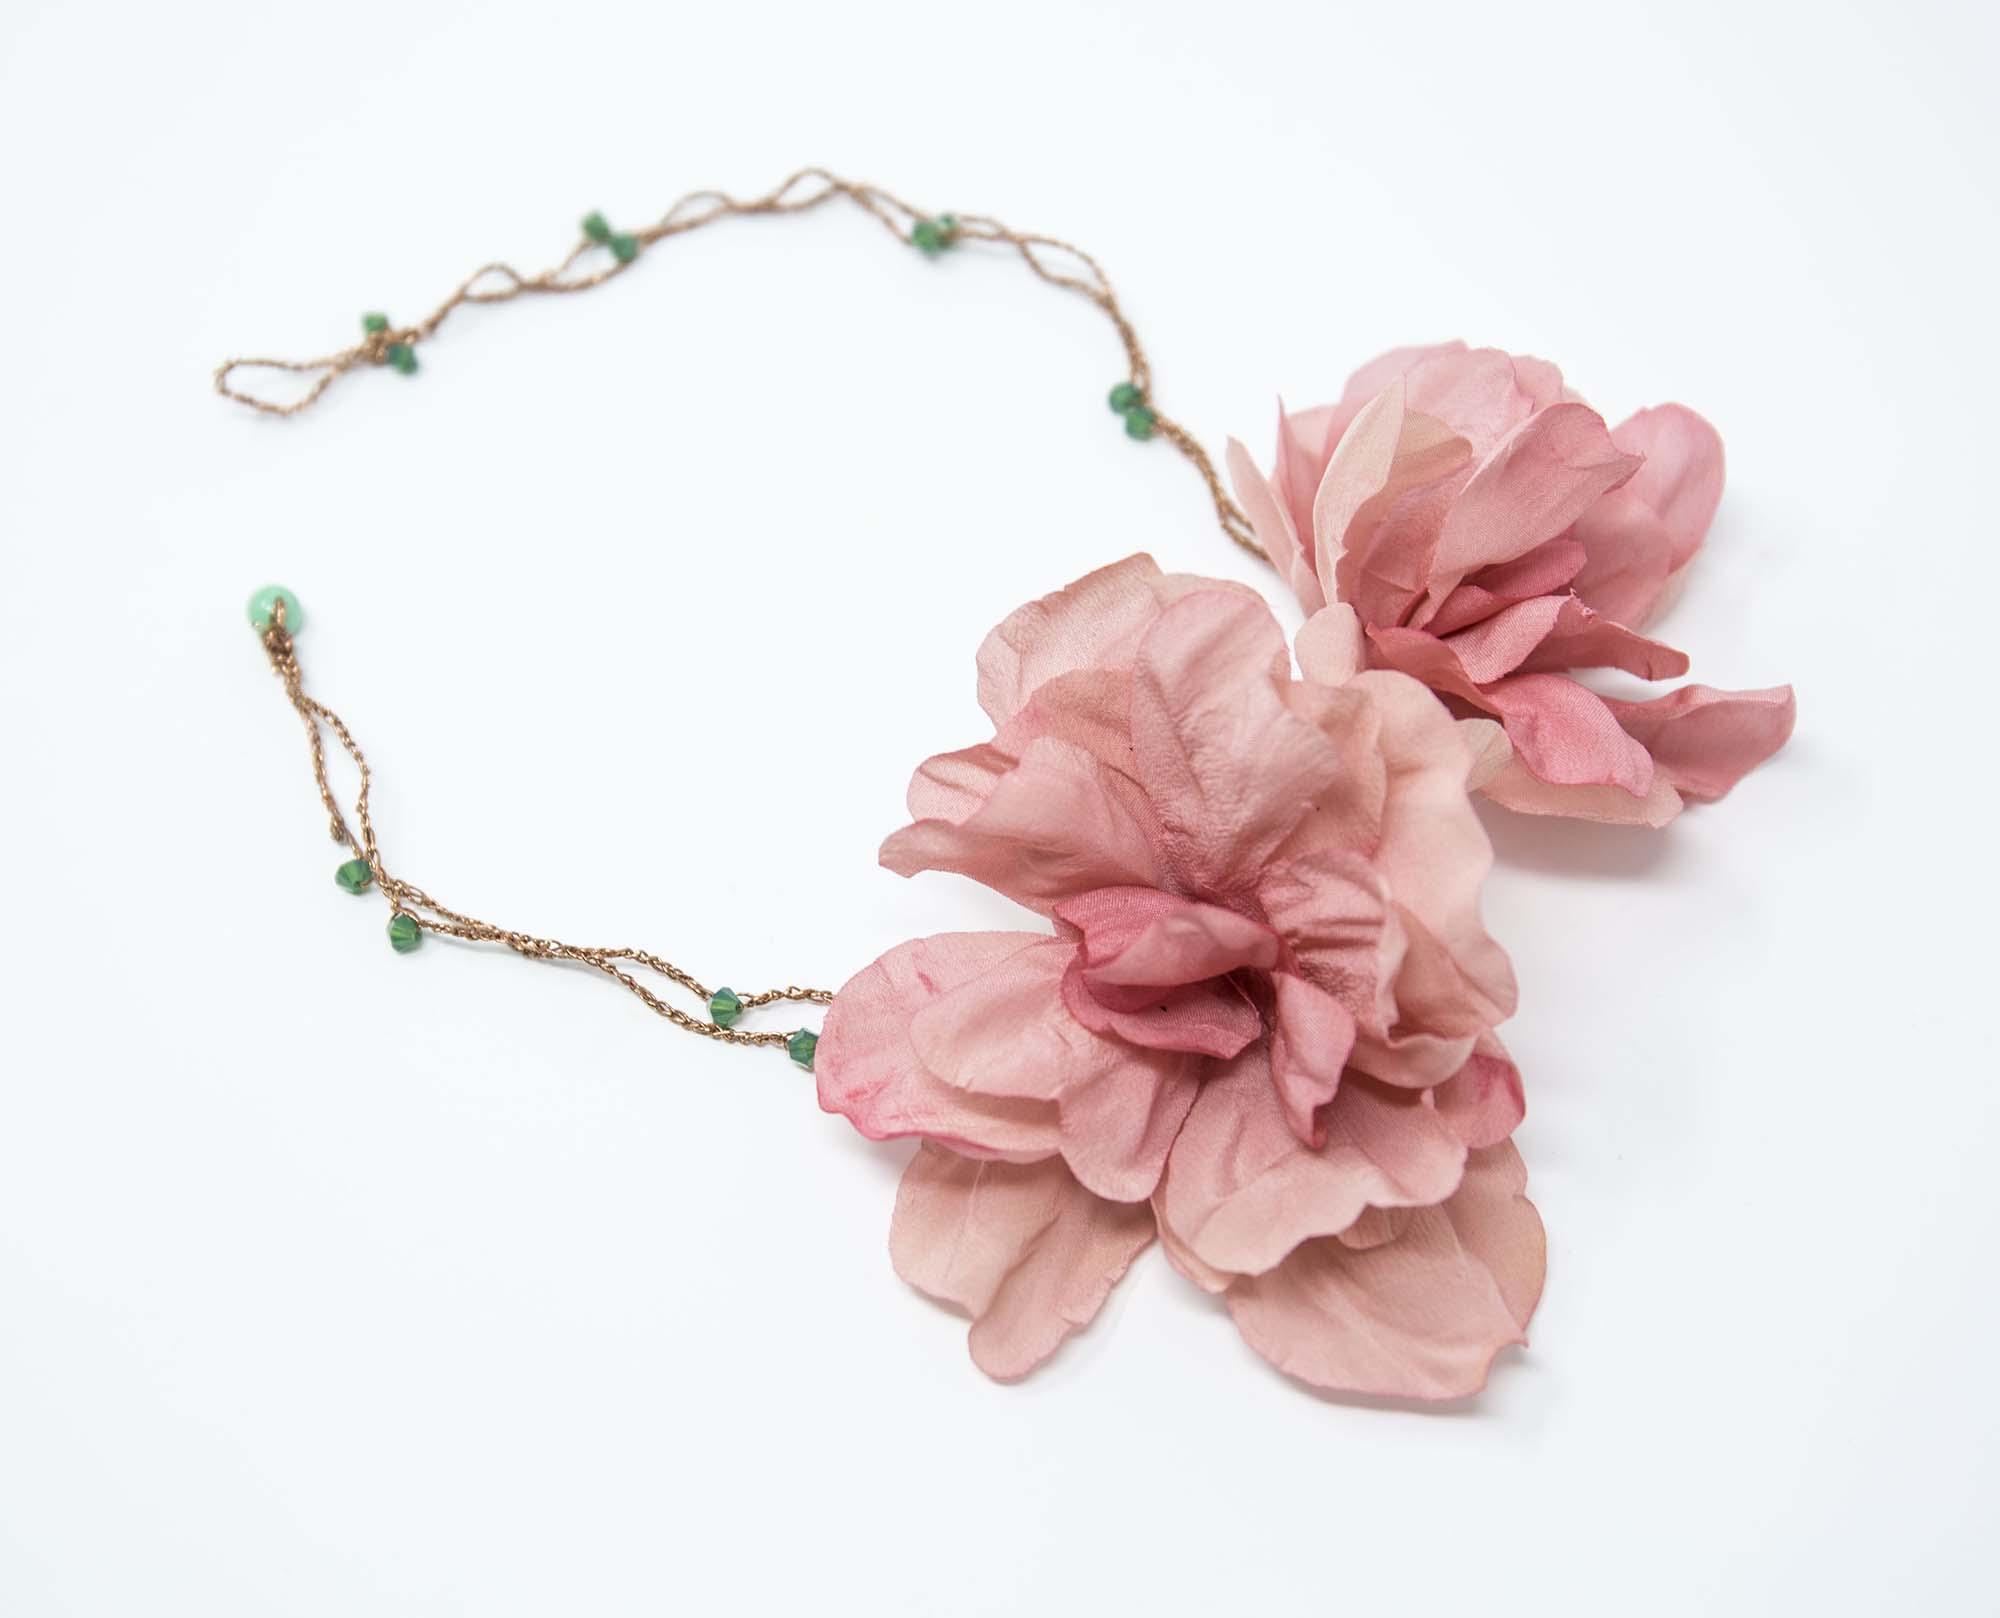 collier elegante con rose e cristalli swarovsky